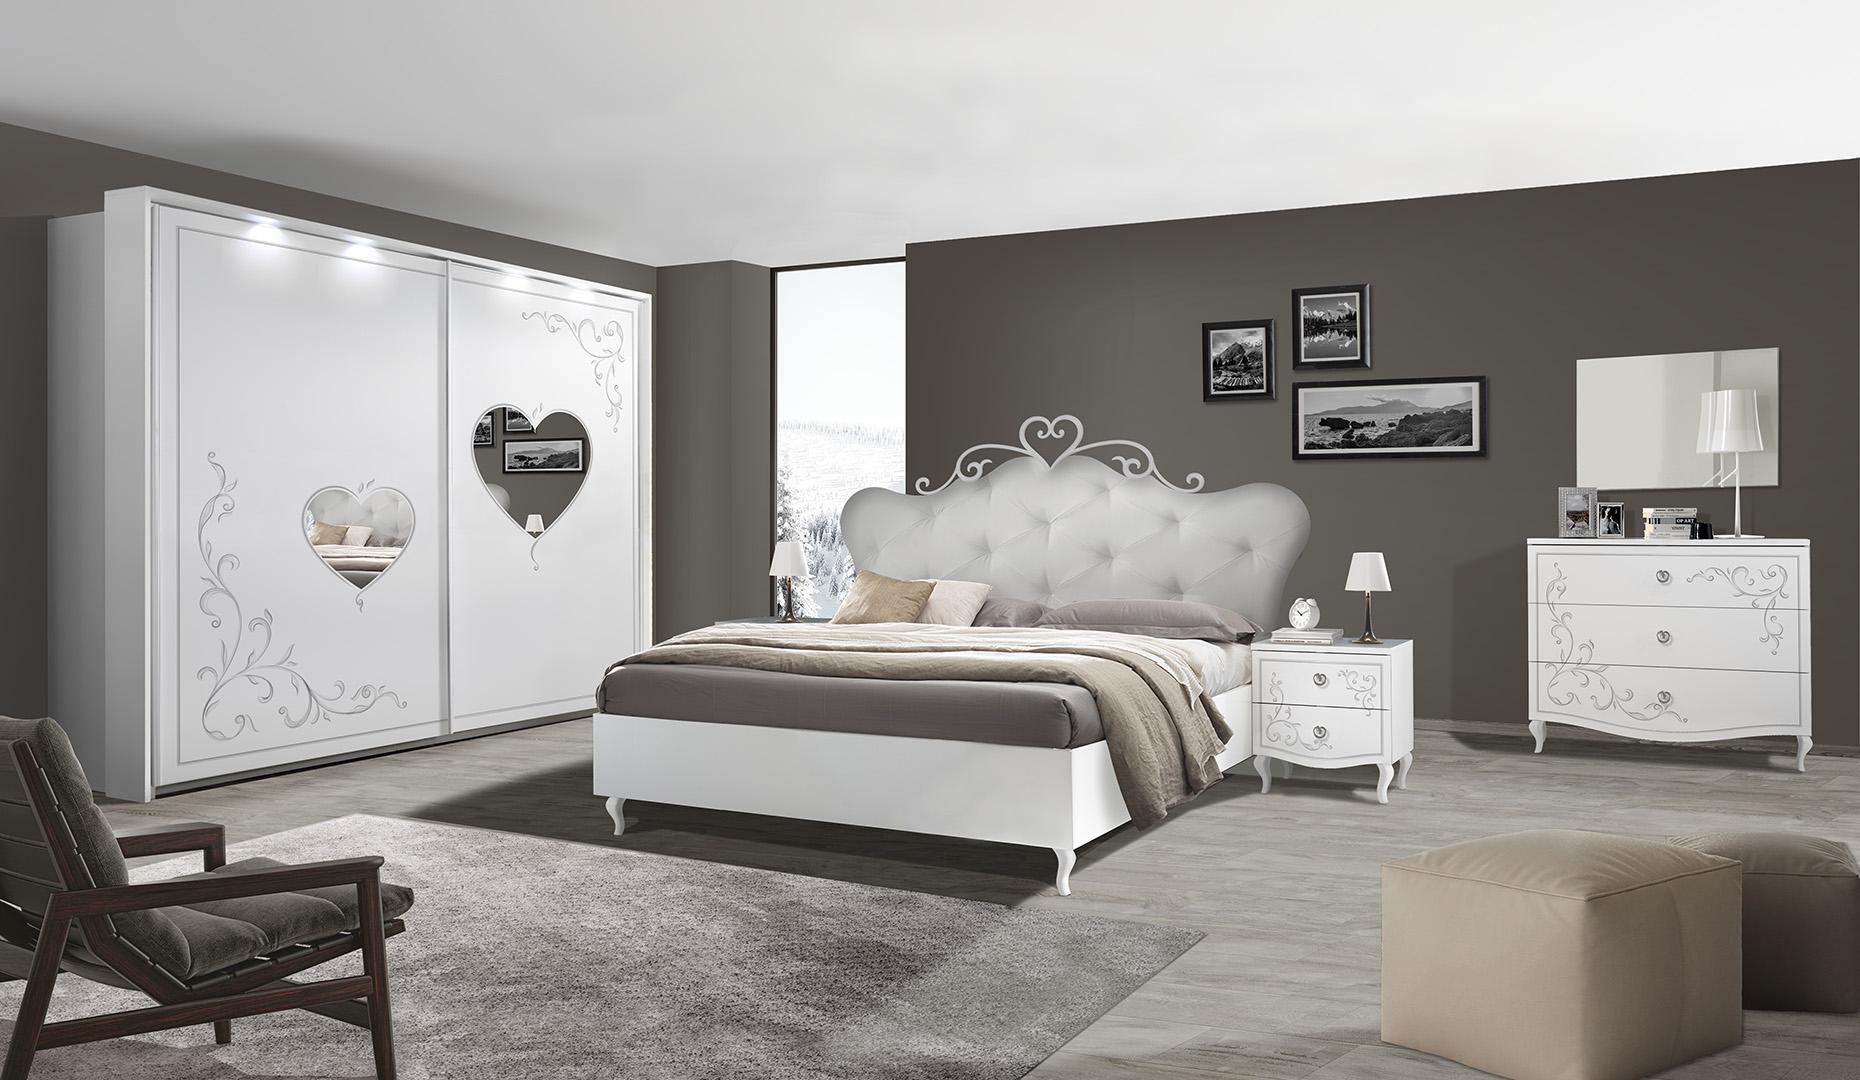 Mobili per il soggiorno, camere da letto, camerette, cucine, divani, tavoli e tanto altro. Camera Da Letto Love Arredamenti Di Lorenzo Napoli